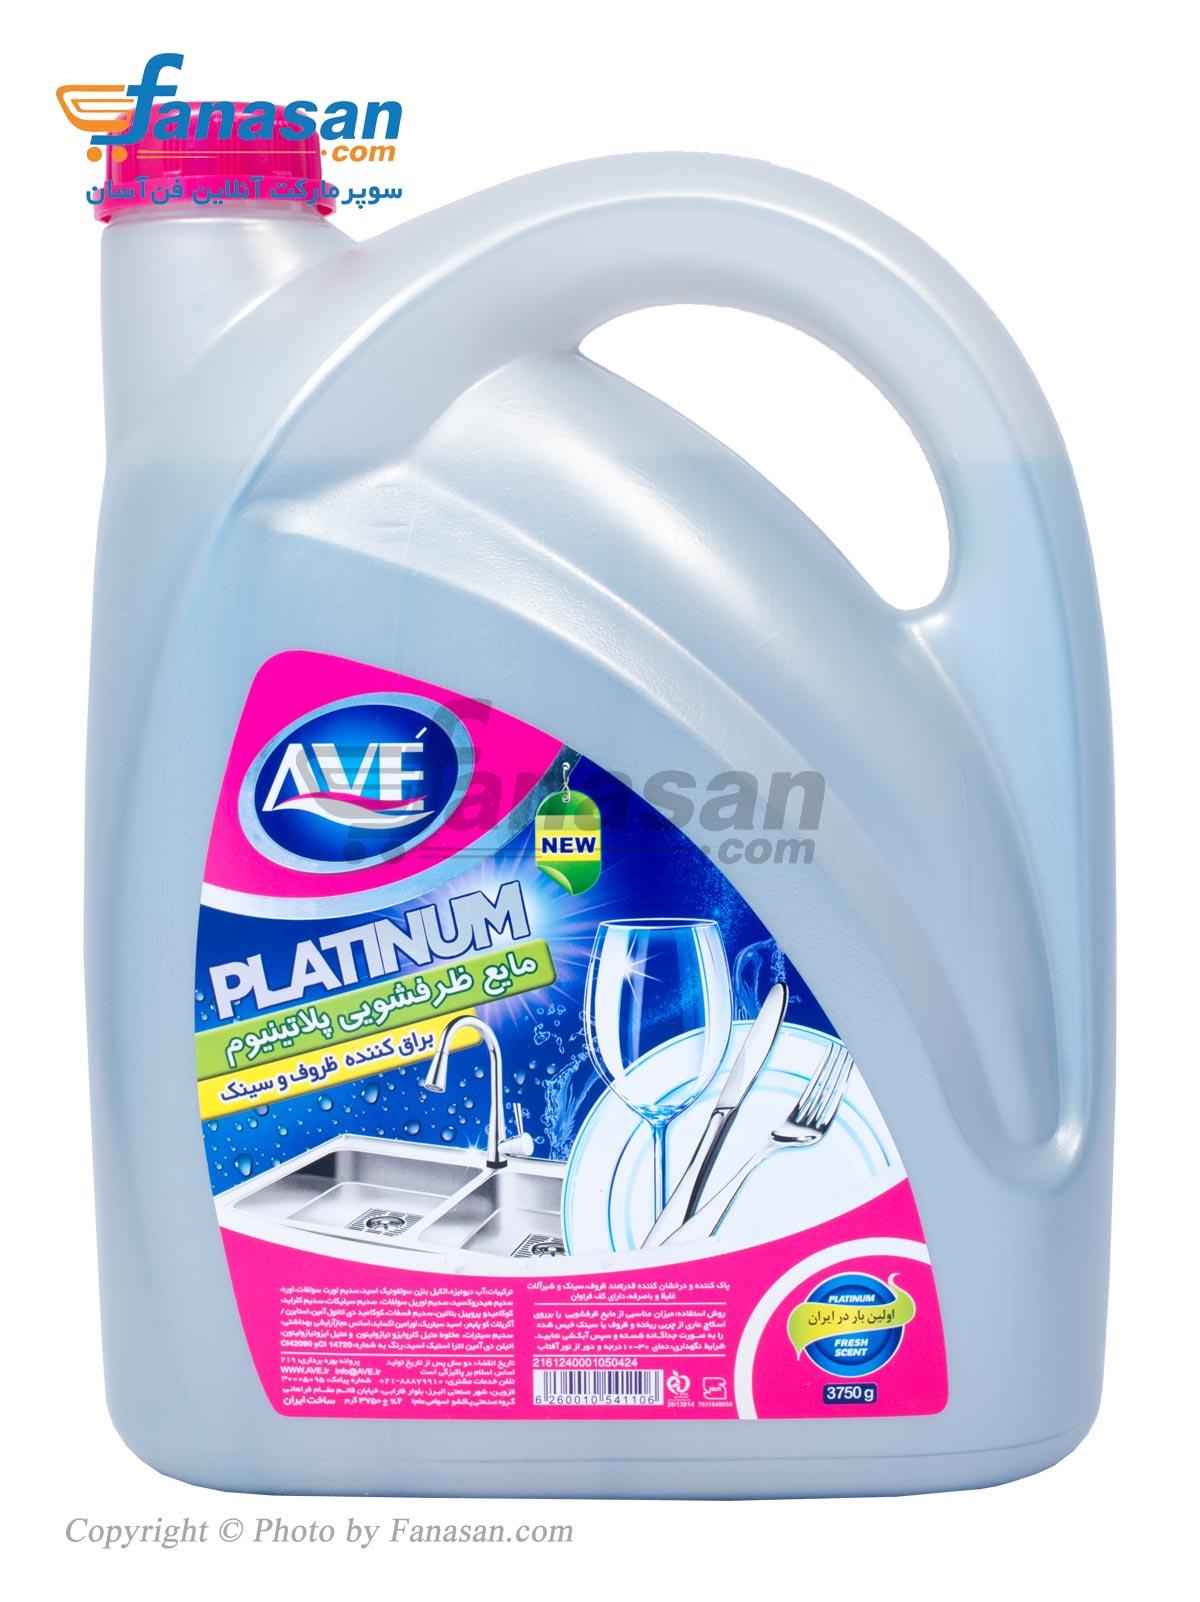 مایع ظرفشویی پلاتینیوم اوه پاک کننده ظروف سینک و شیرآلات 3750 گرم